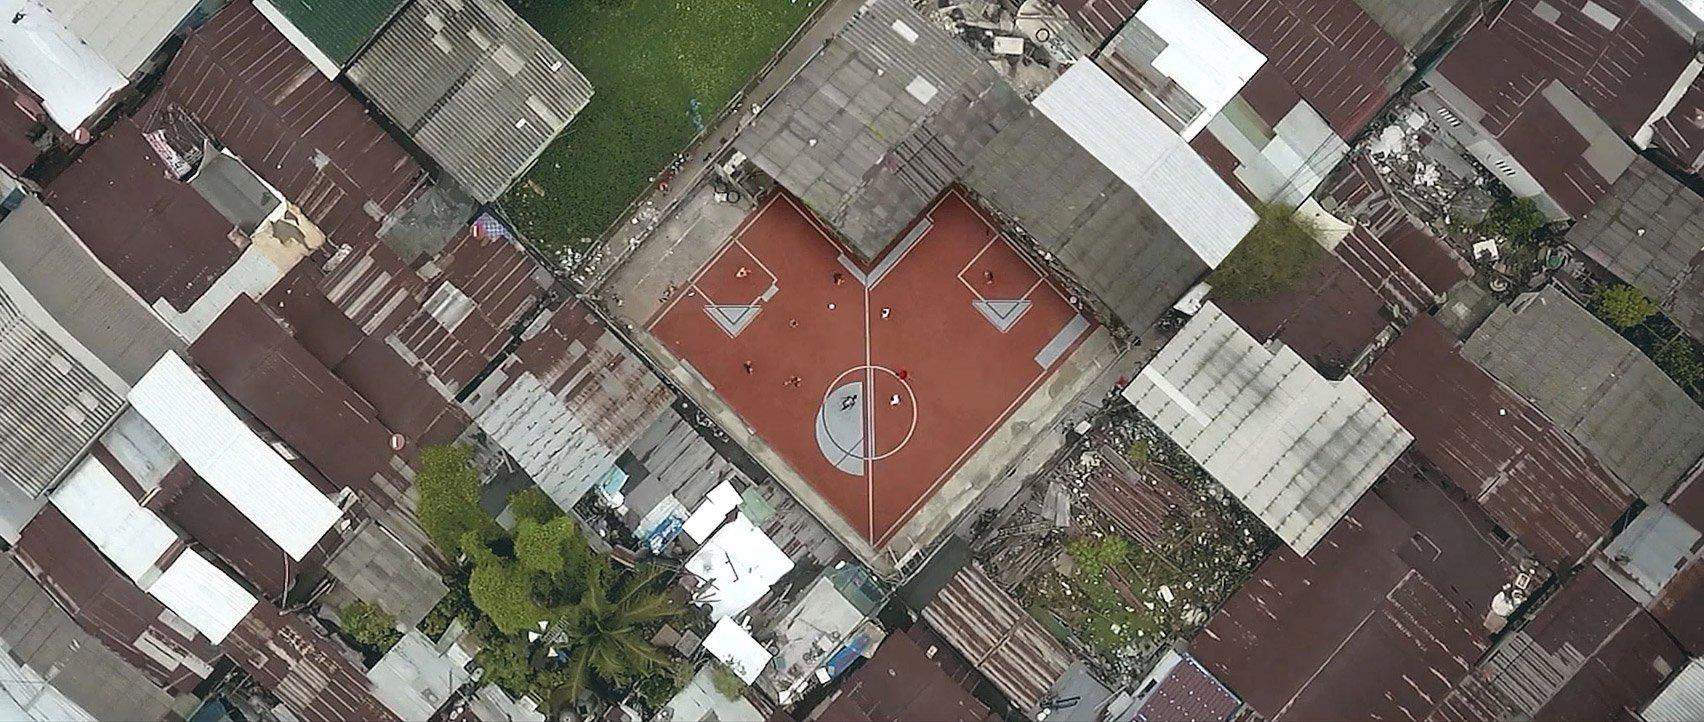 В большом городе сложно найти кусок земли в виде правильного прямоугольника, где можно устроить футб